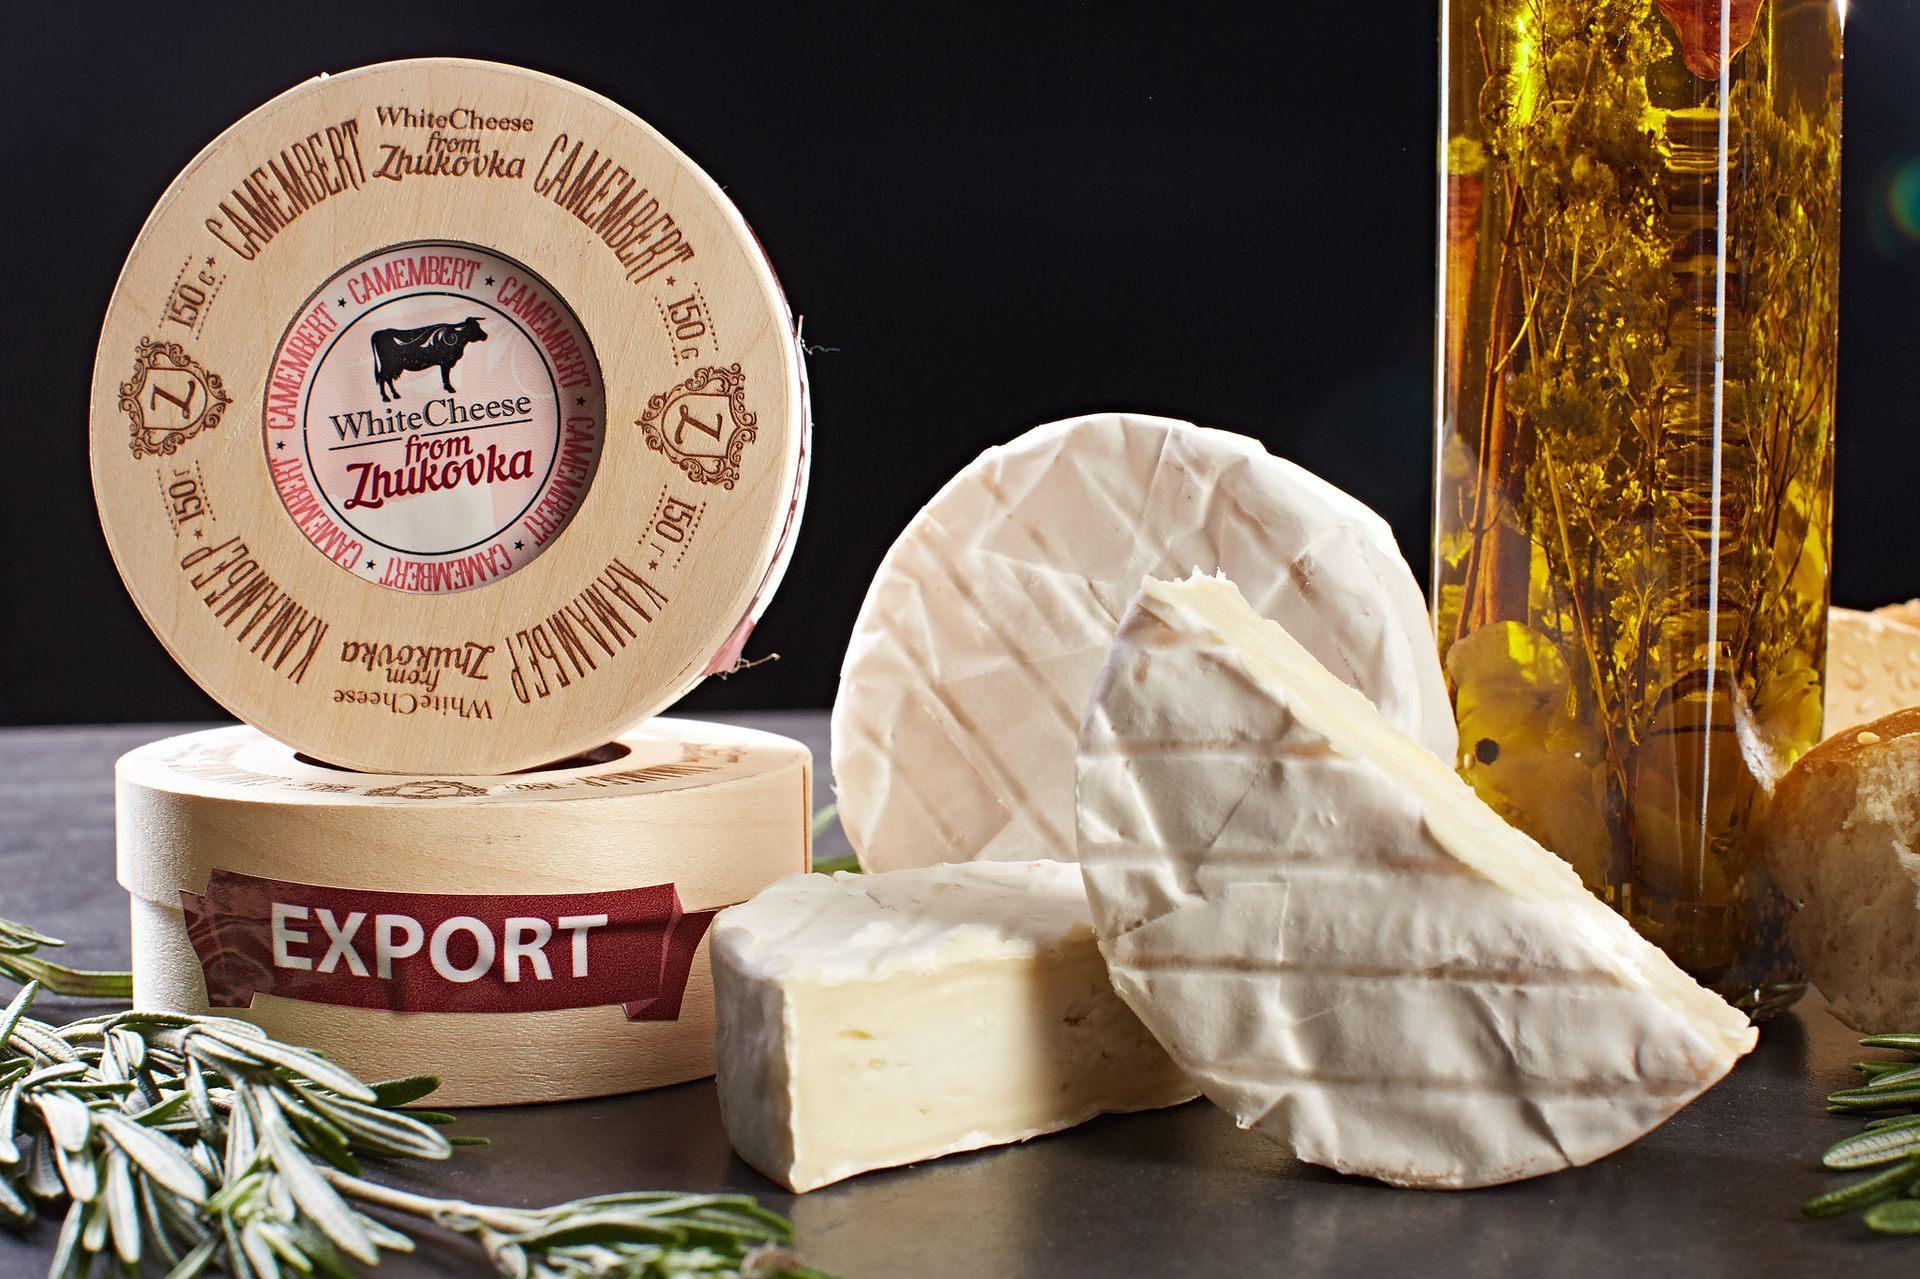 И опять интересные рецепты с Камамбер от от White Cheese from Zhukovka